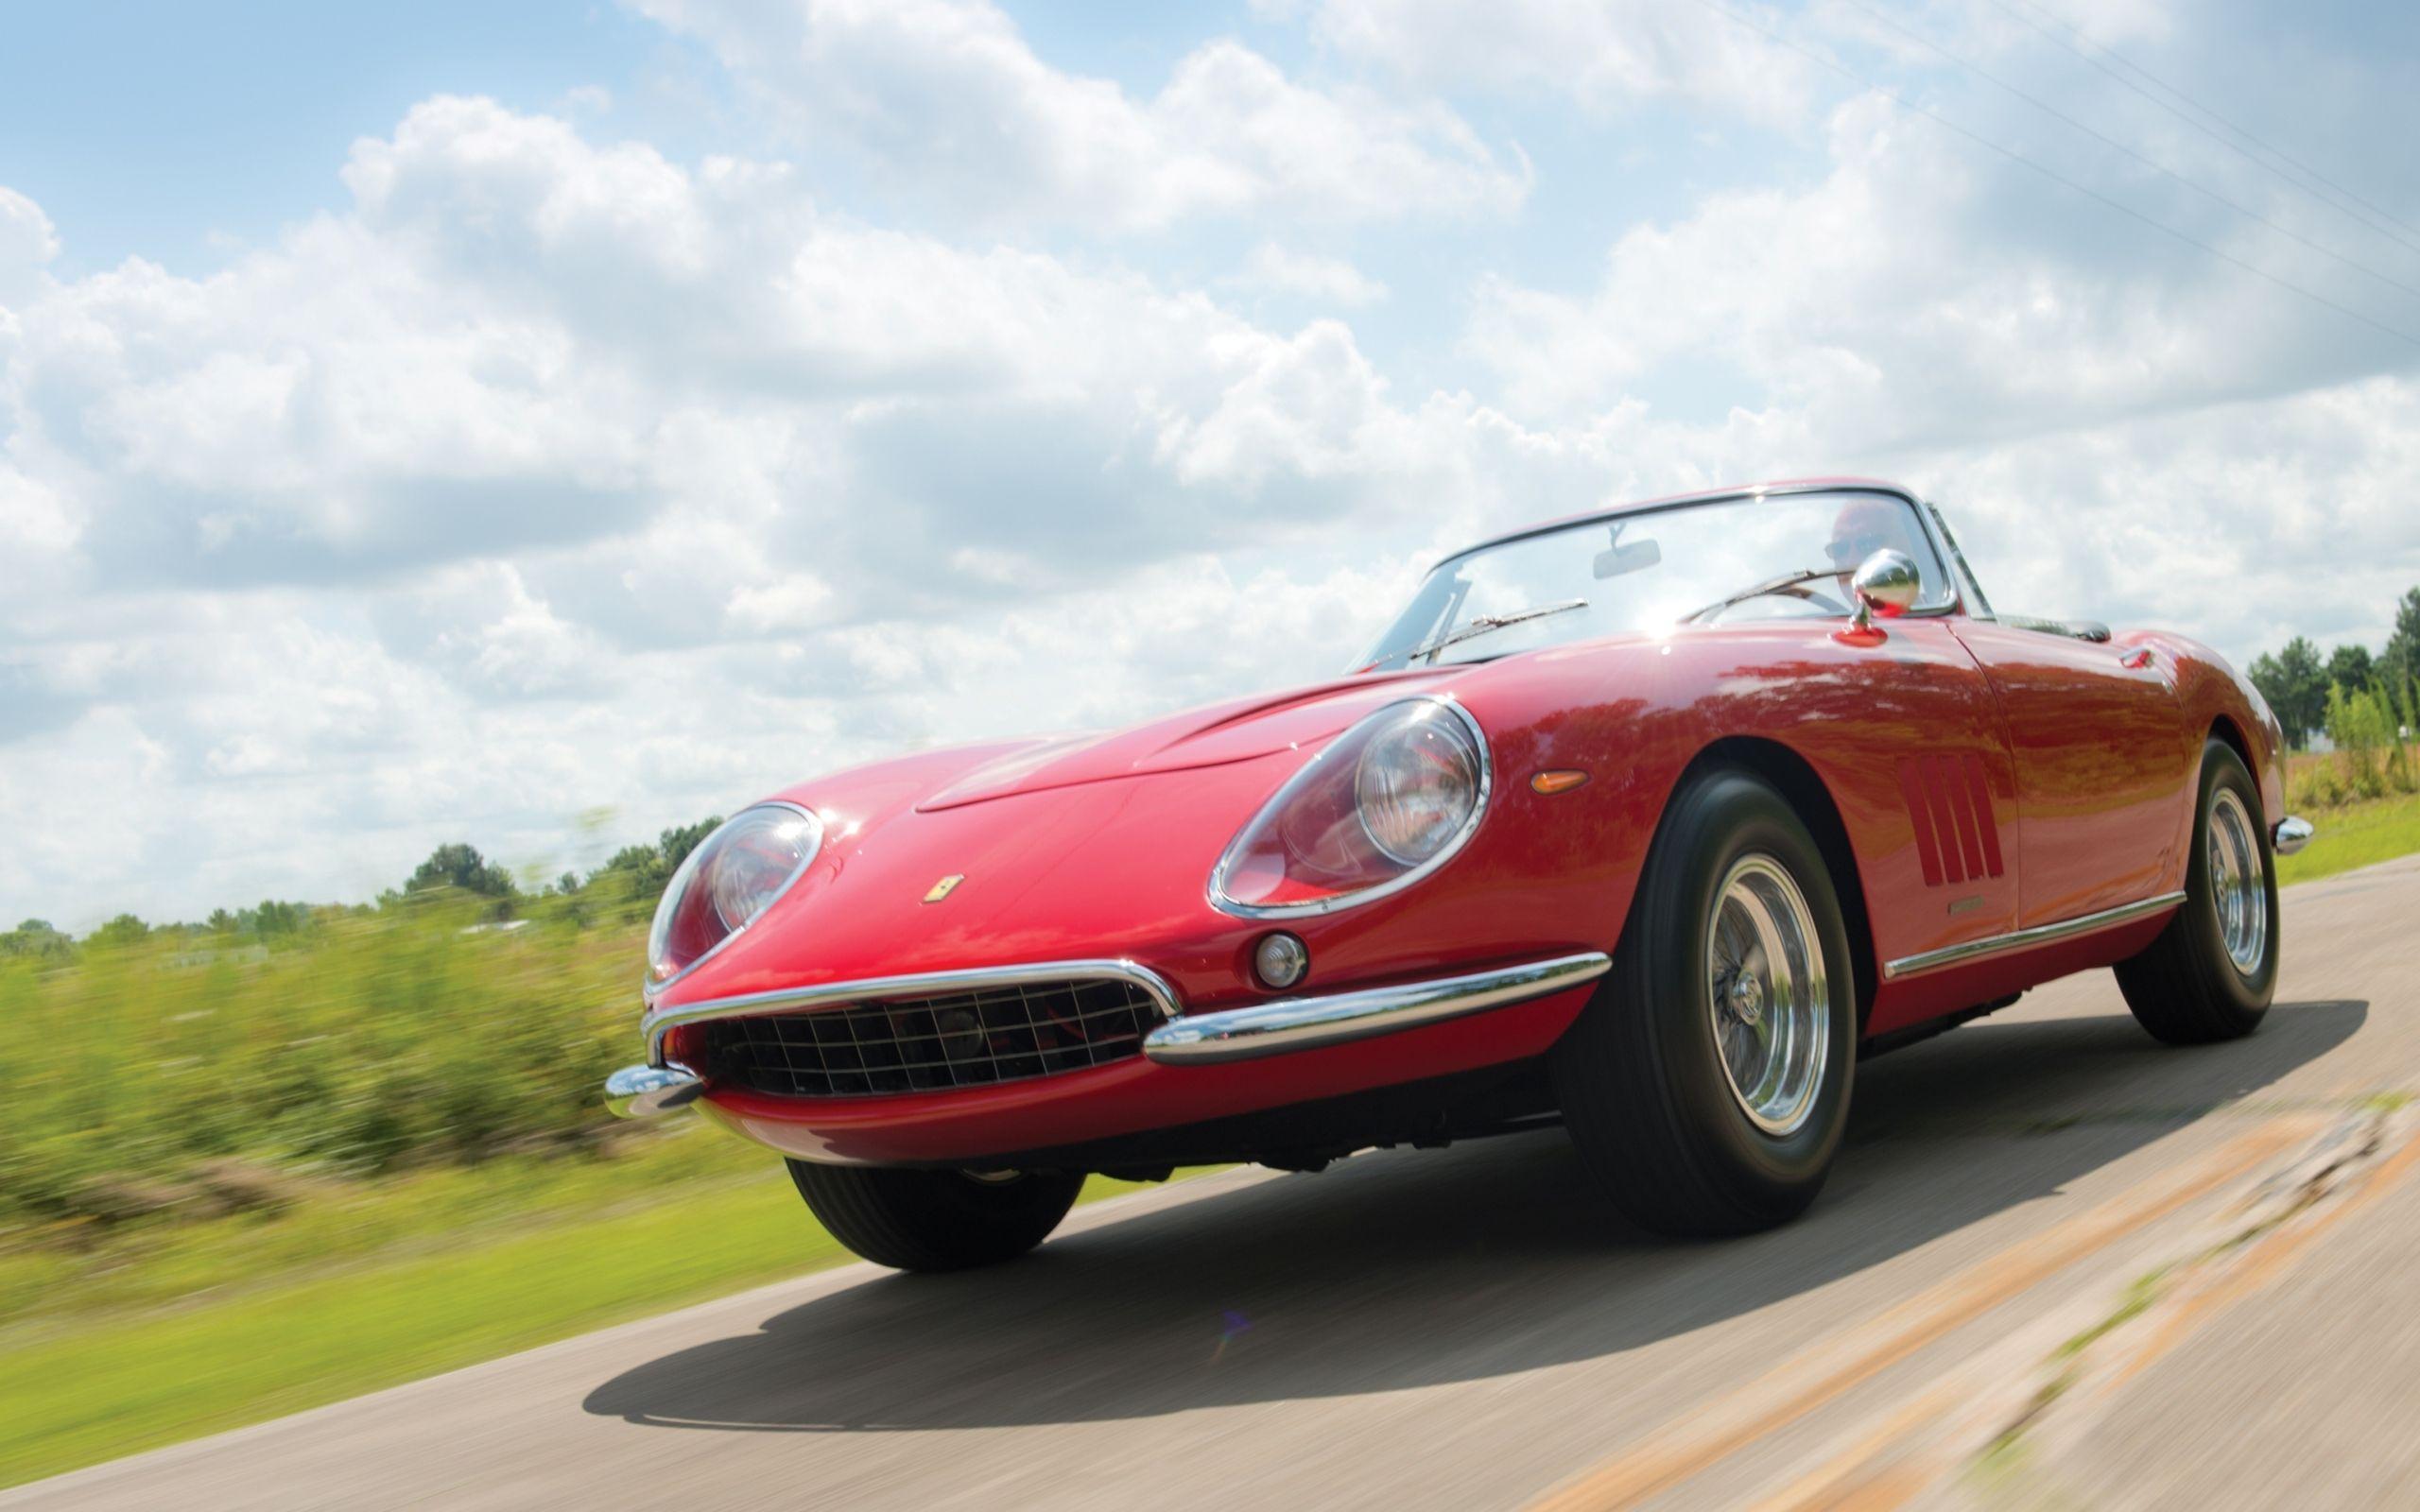 1967 Ferrari 275 GTB/4*S N.A.R.T. Spider $27,500,000